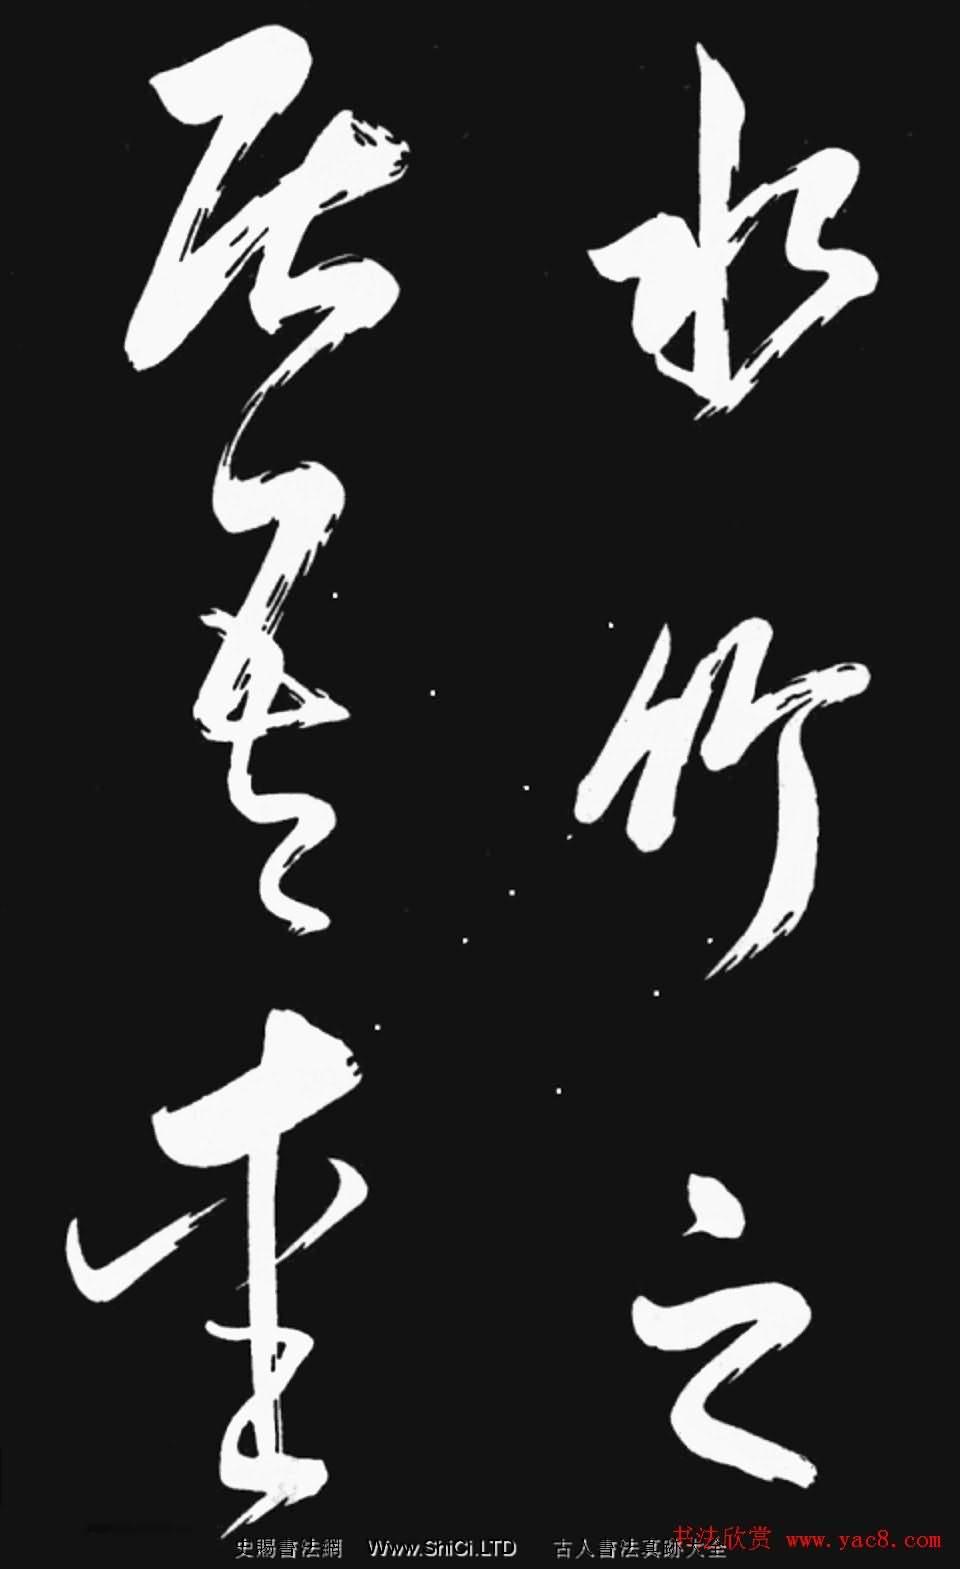 雍正書法字帖《臨趙孟頫書元僧明本詞》(共10張圖片)